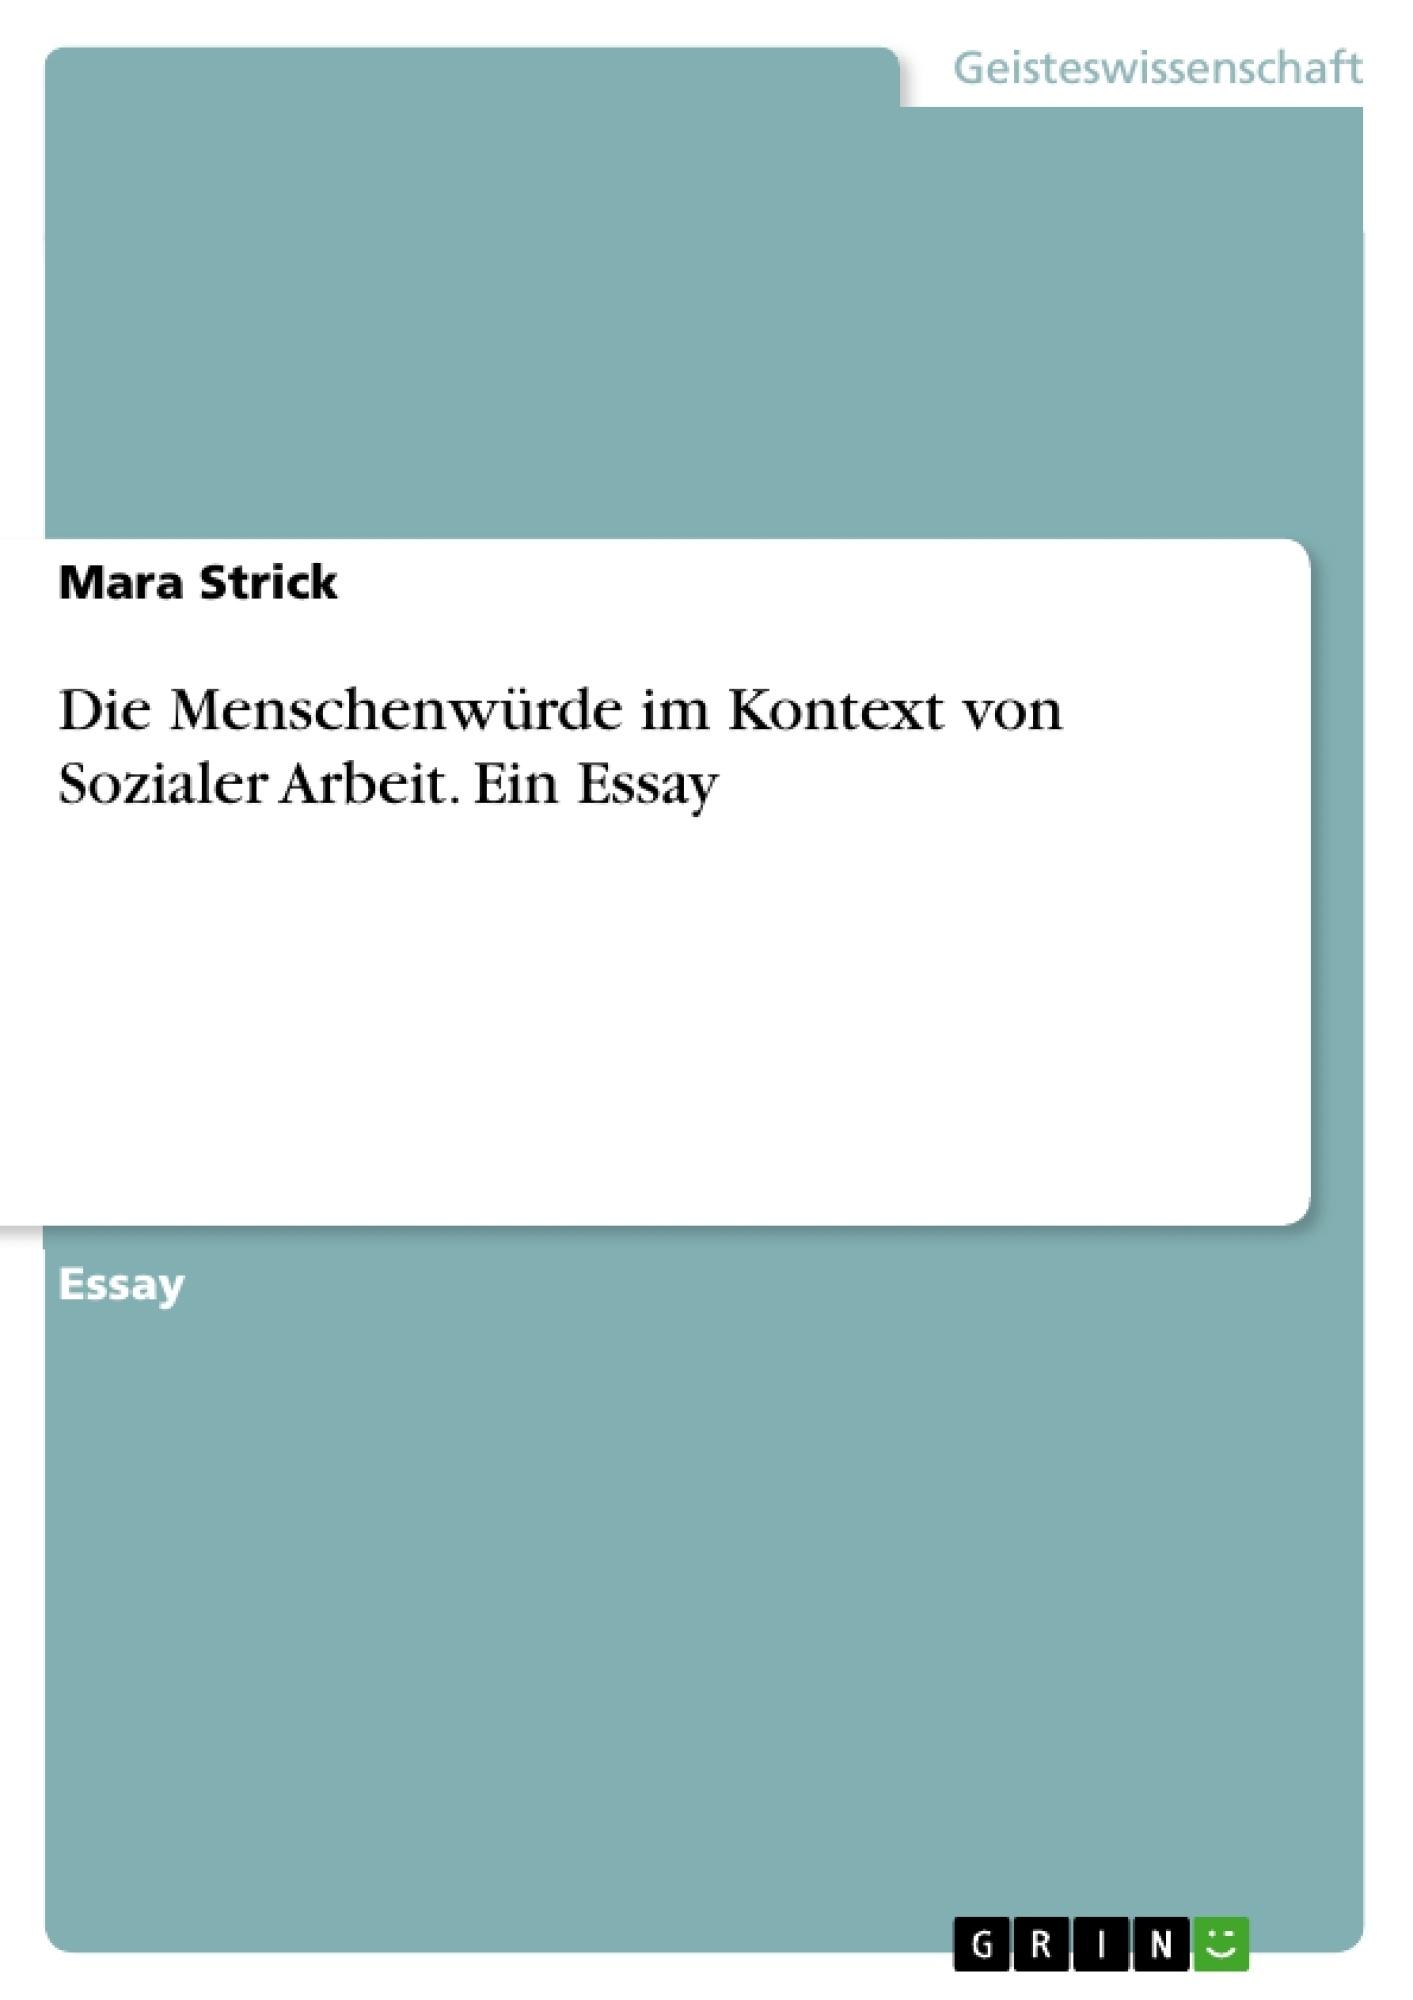 Titel: Die Menschenwürde im Kontext von Sozialer Arbeit. Ein Essay